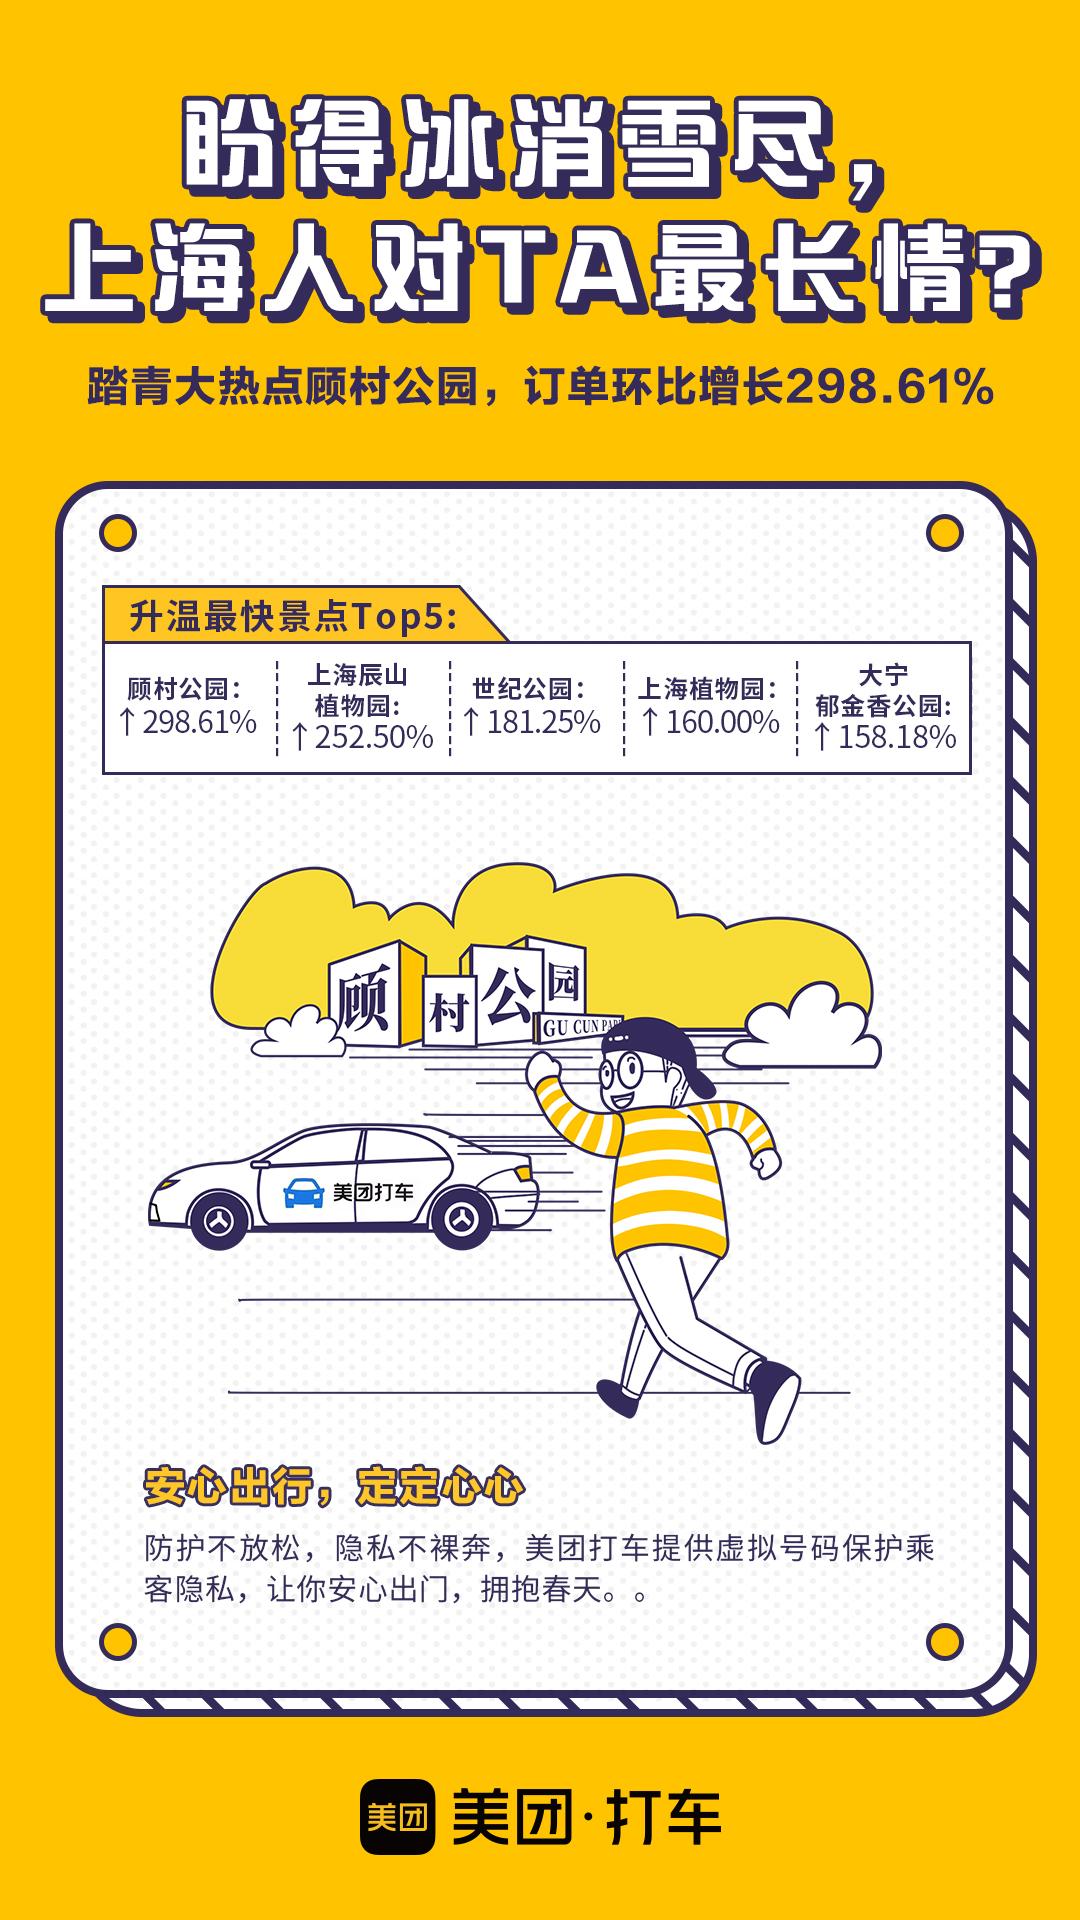 美团打车消费回暖报告:上海消费